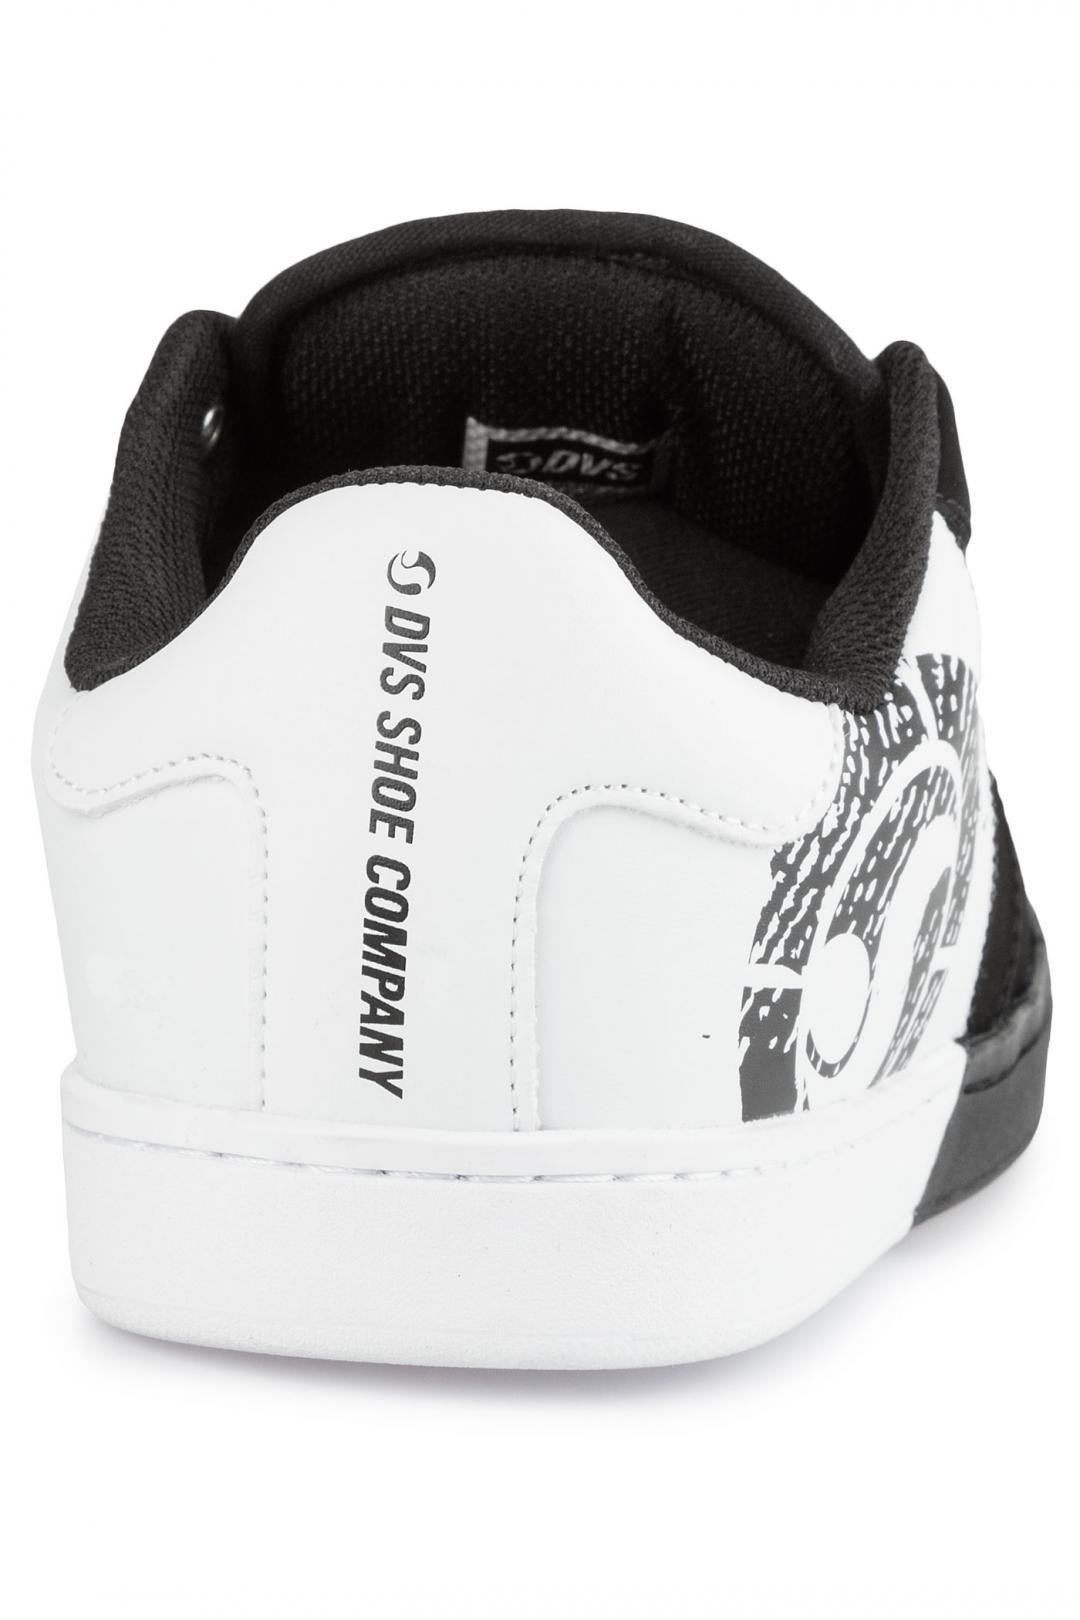 Uomo DVS Revival Split black white | Sneaker